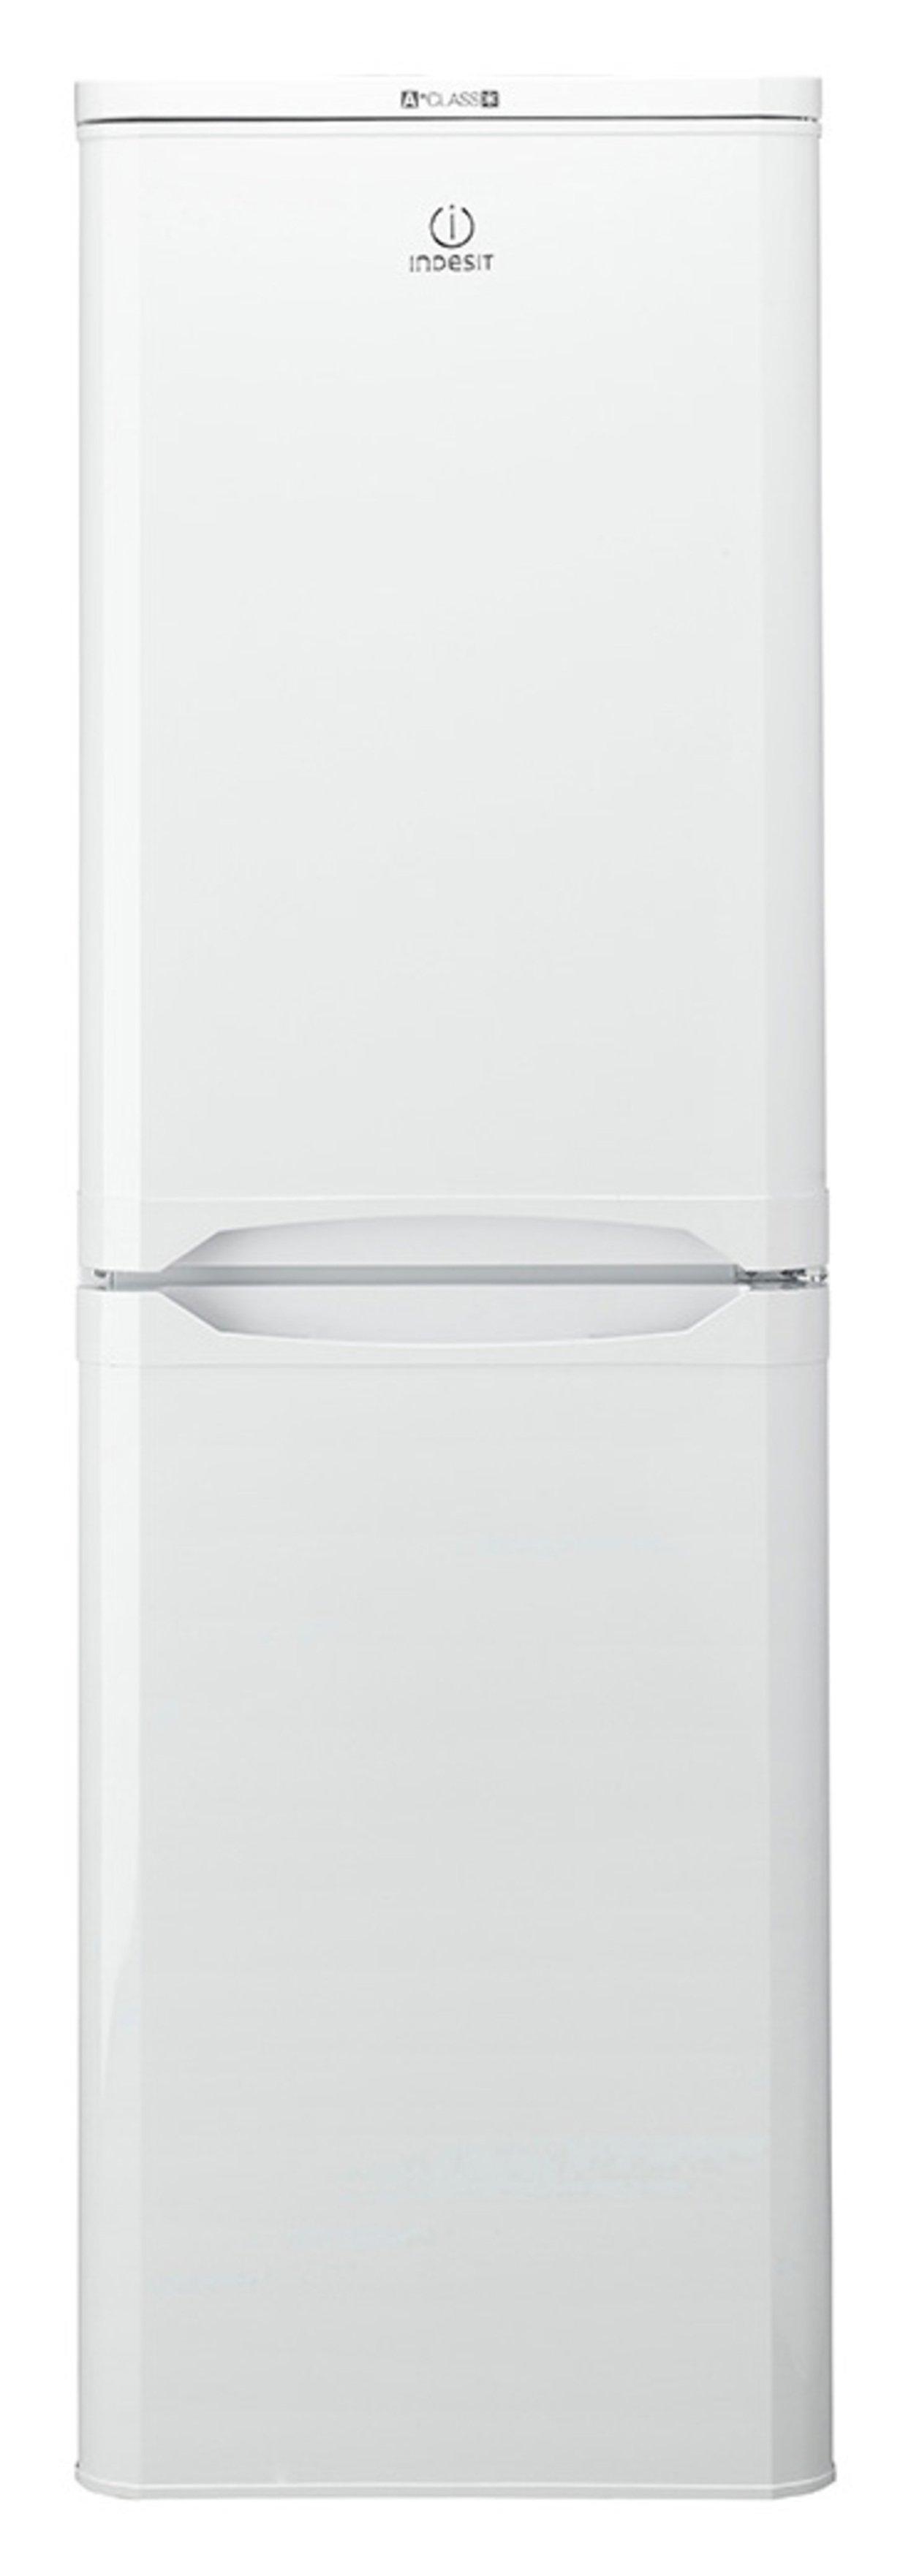 Image of Indesit CAA55 234L Fridge Freezer - White